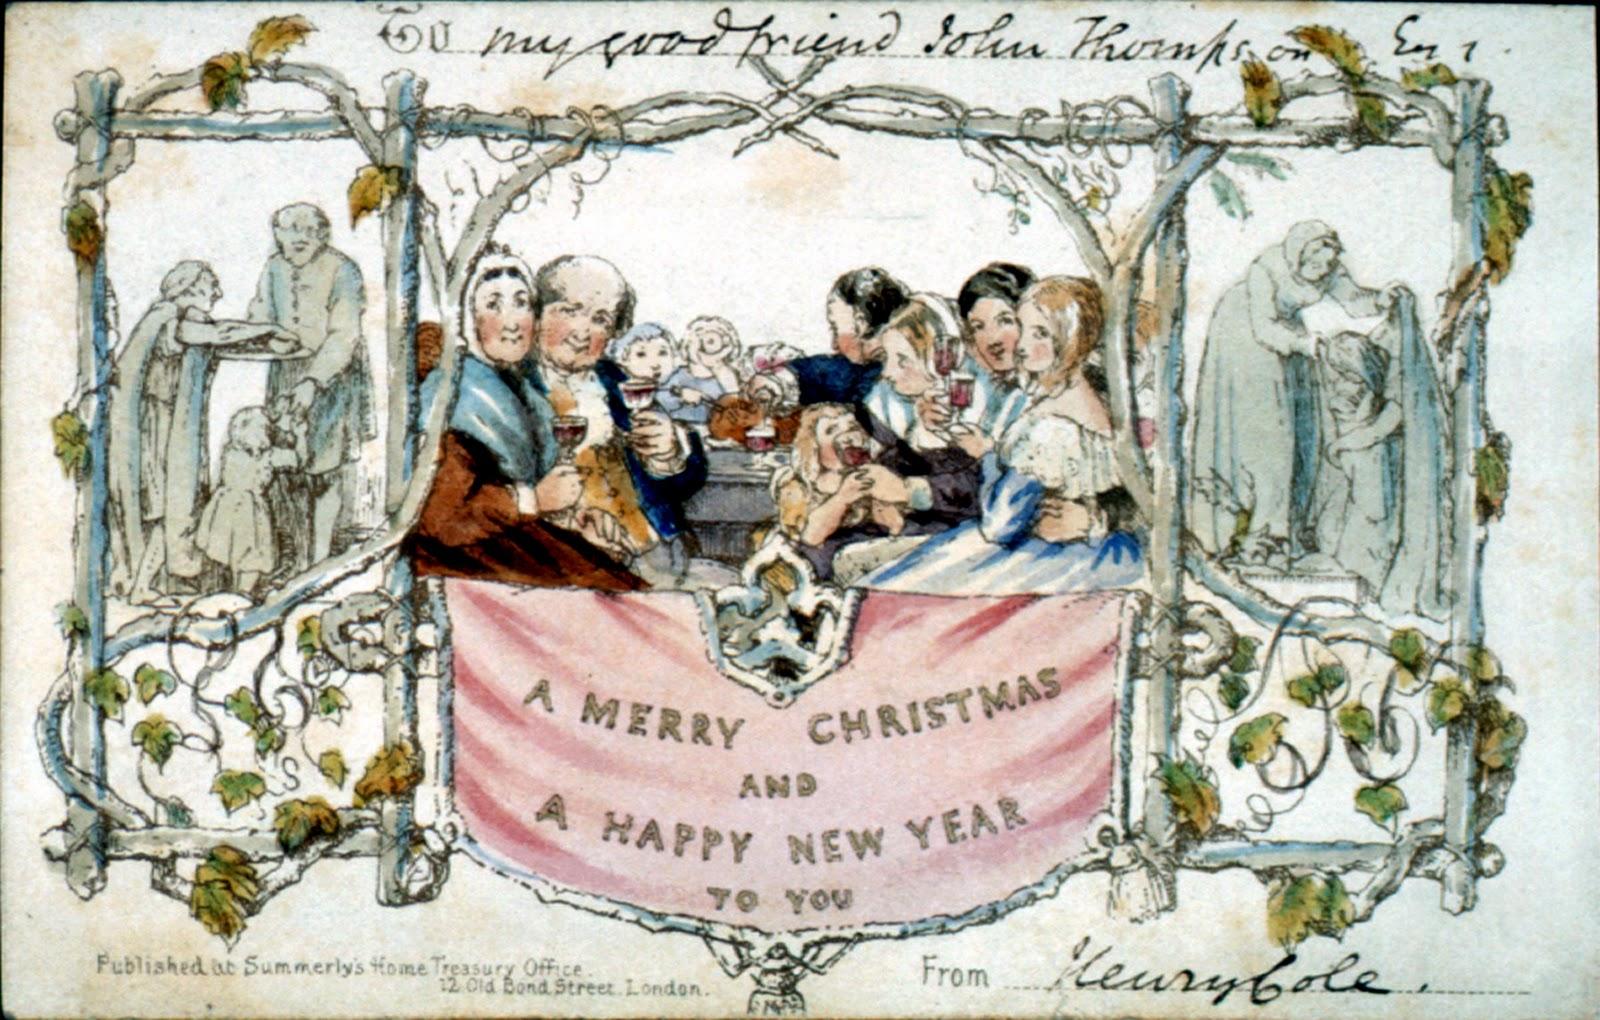 Christmas Traditions ~ Part 1 | Sharon Lathan, Novelist